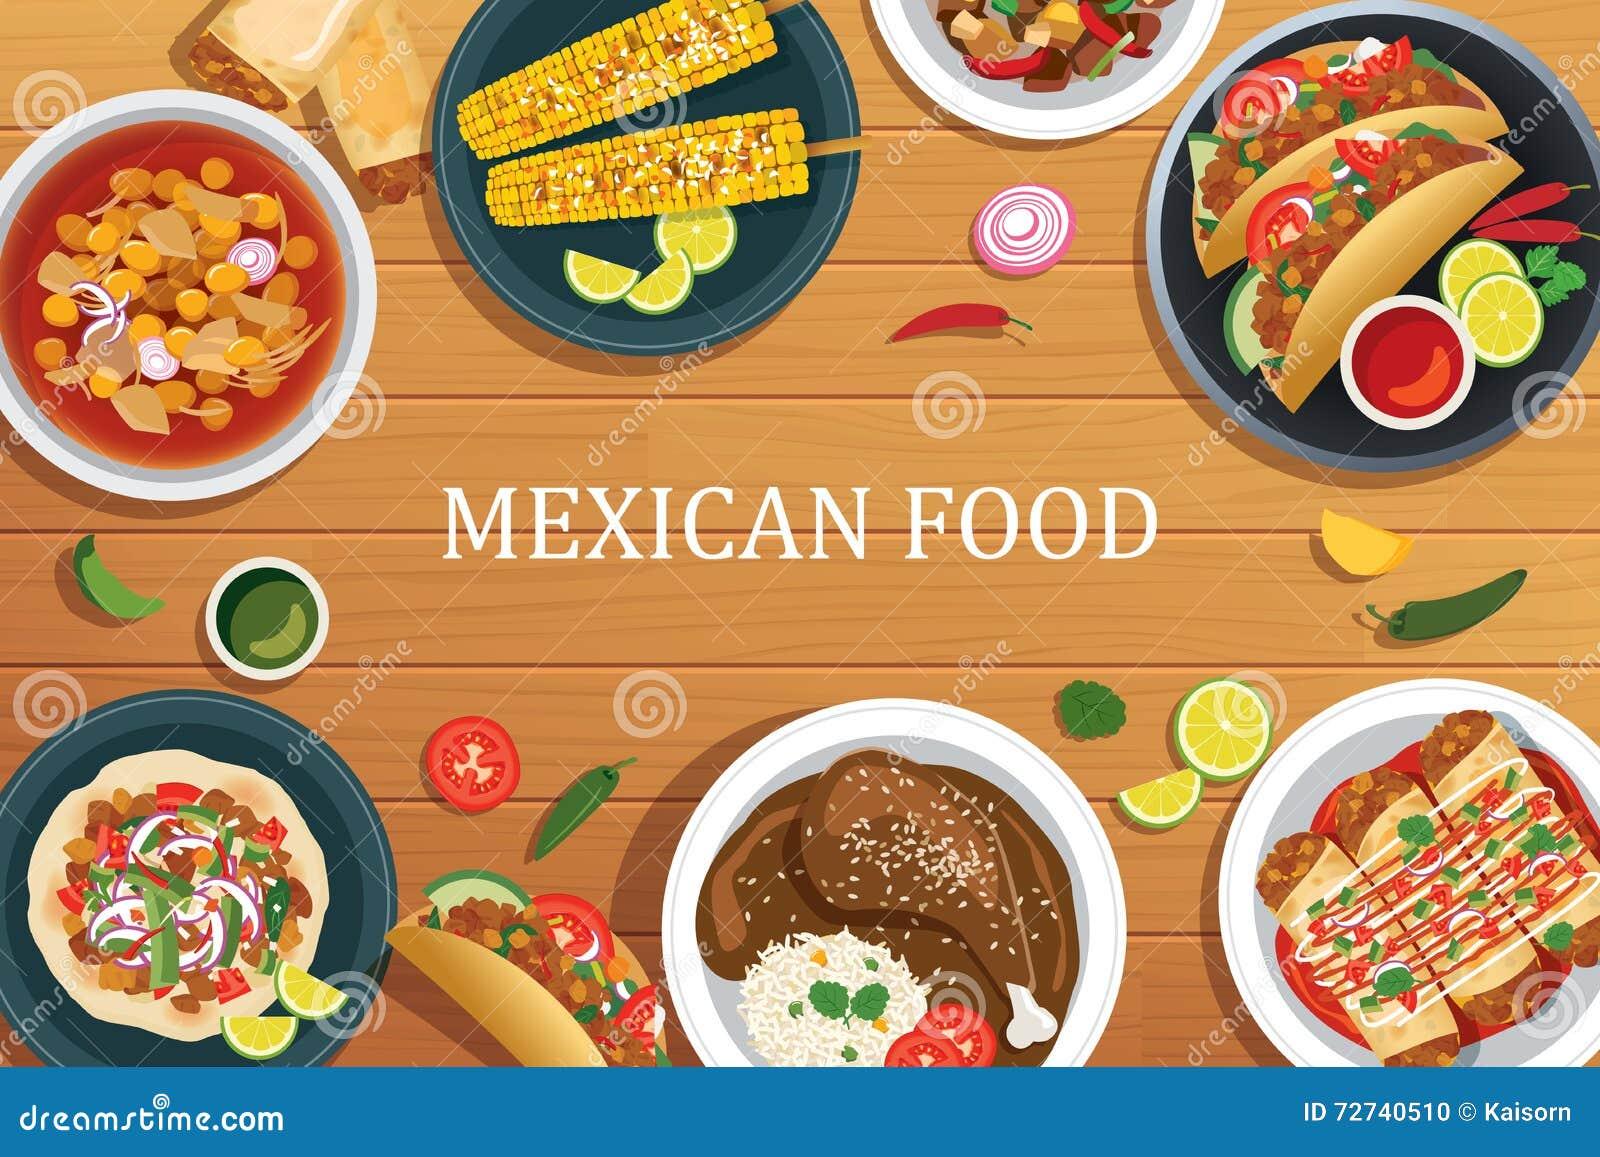 Colección De Comida Mexicana Deliciosa Ilustración del Vector ...